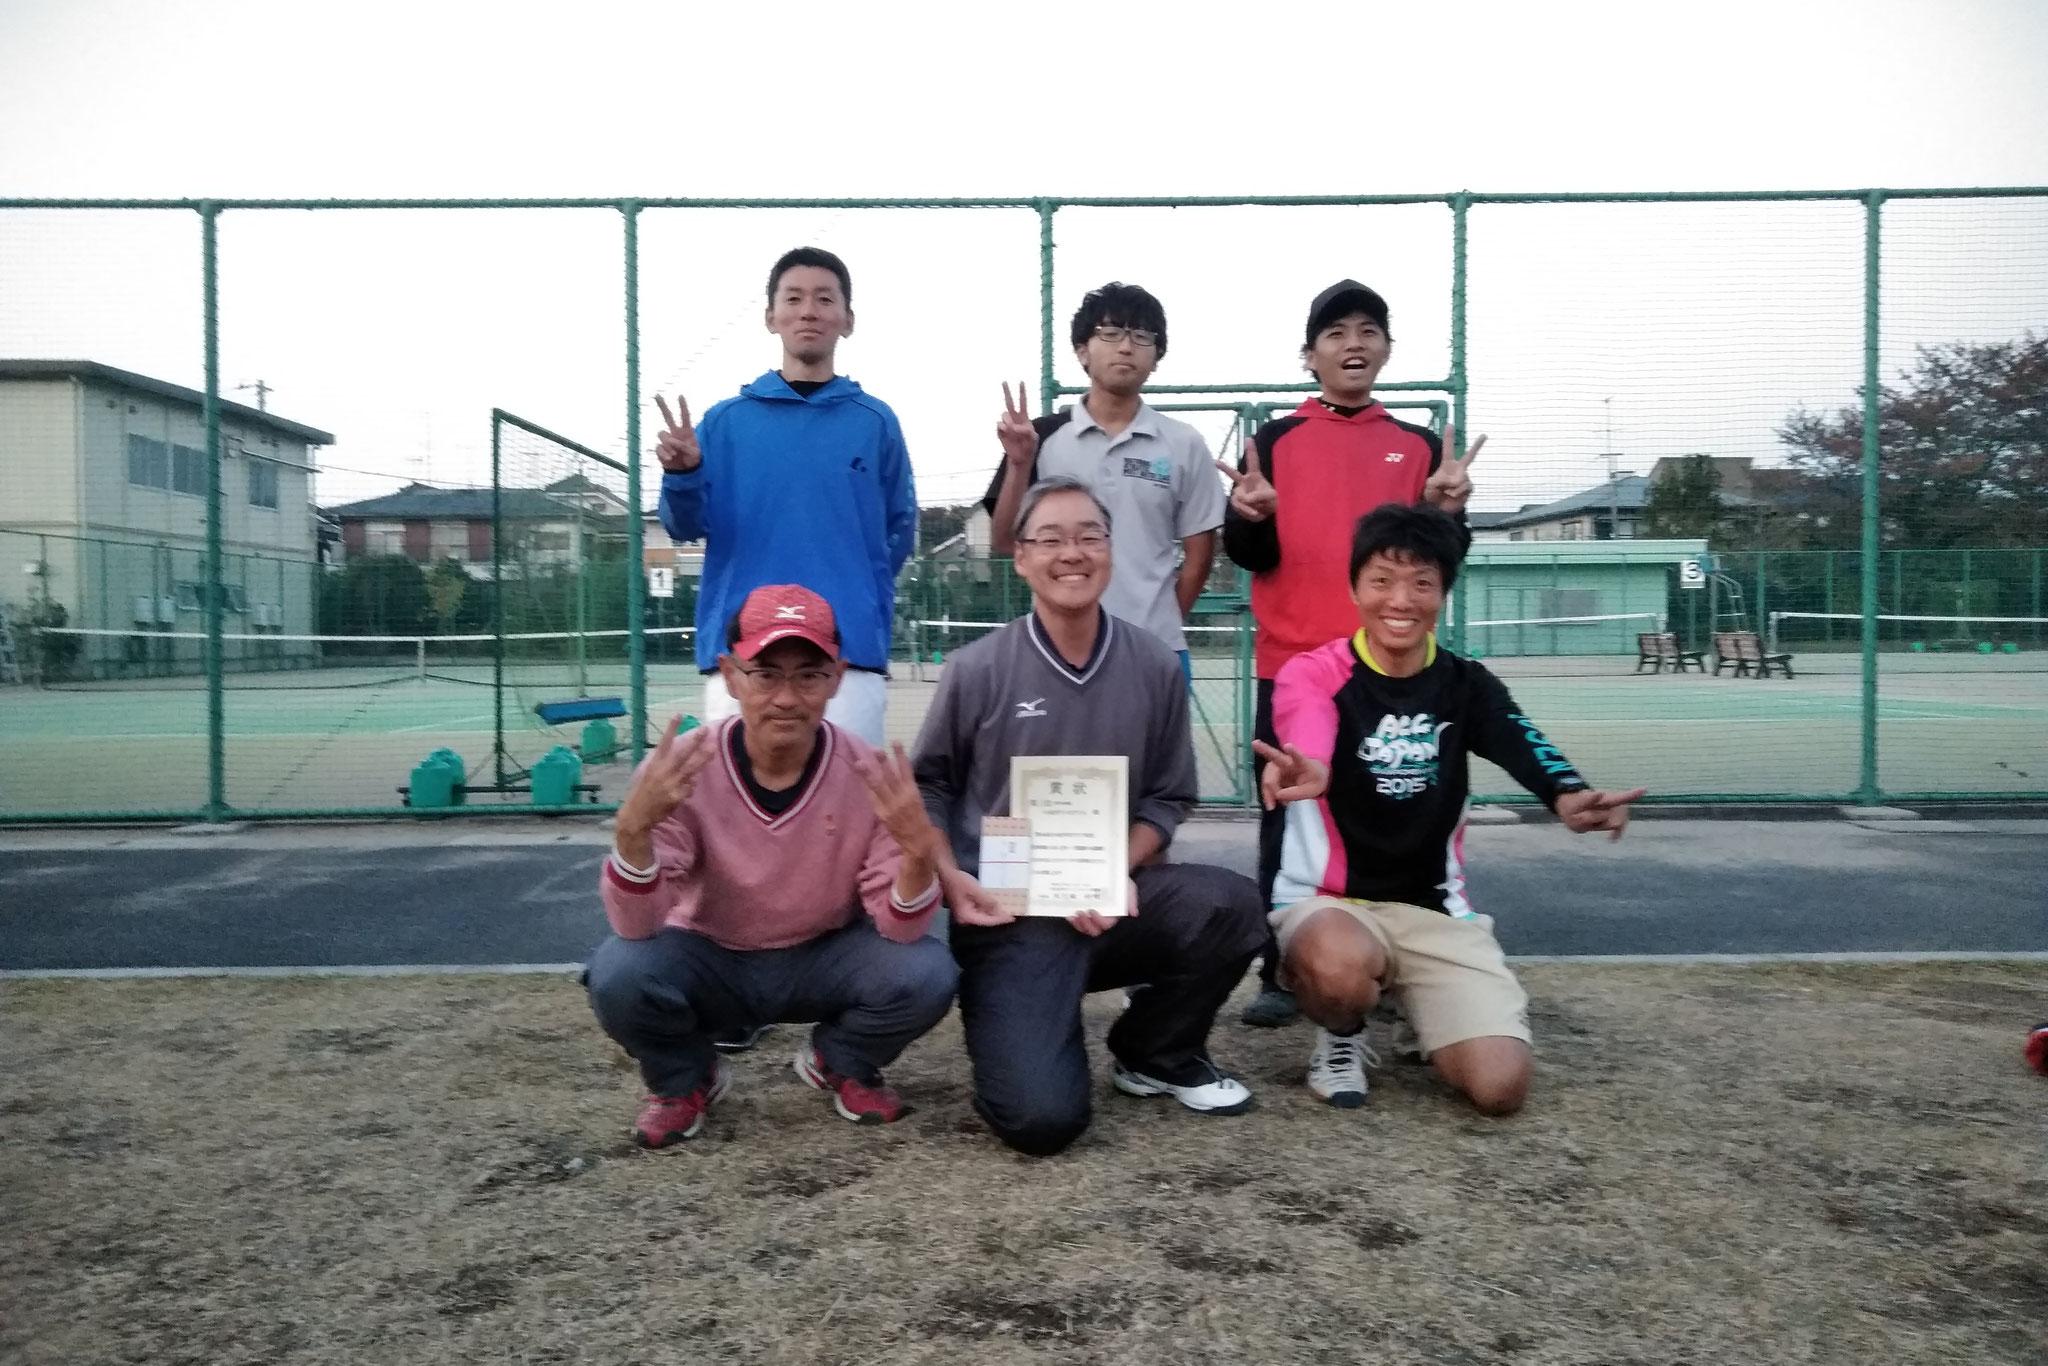 2017年小金井市クラブ対抗団体戦大会 第三位(小金井テニスクラブA)